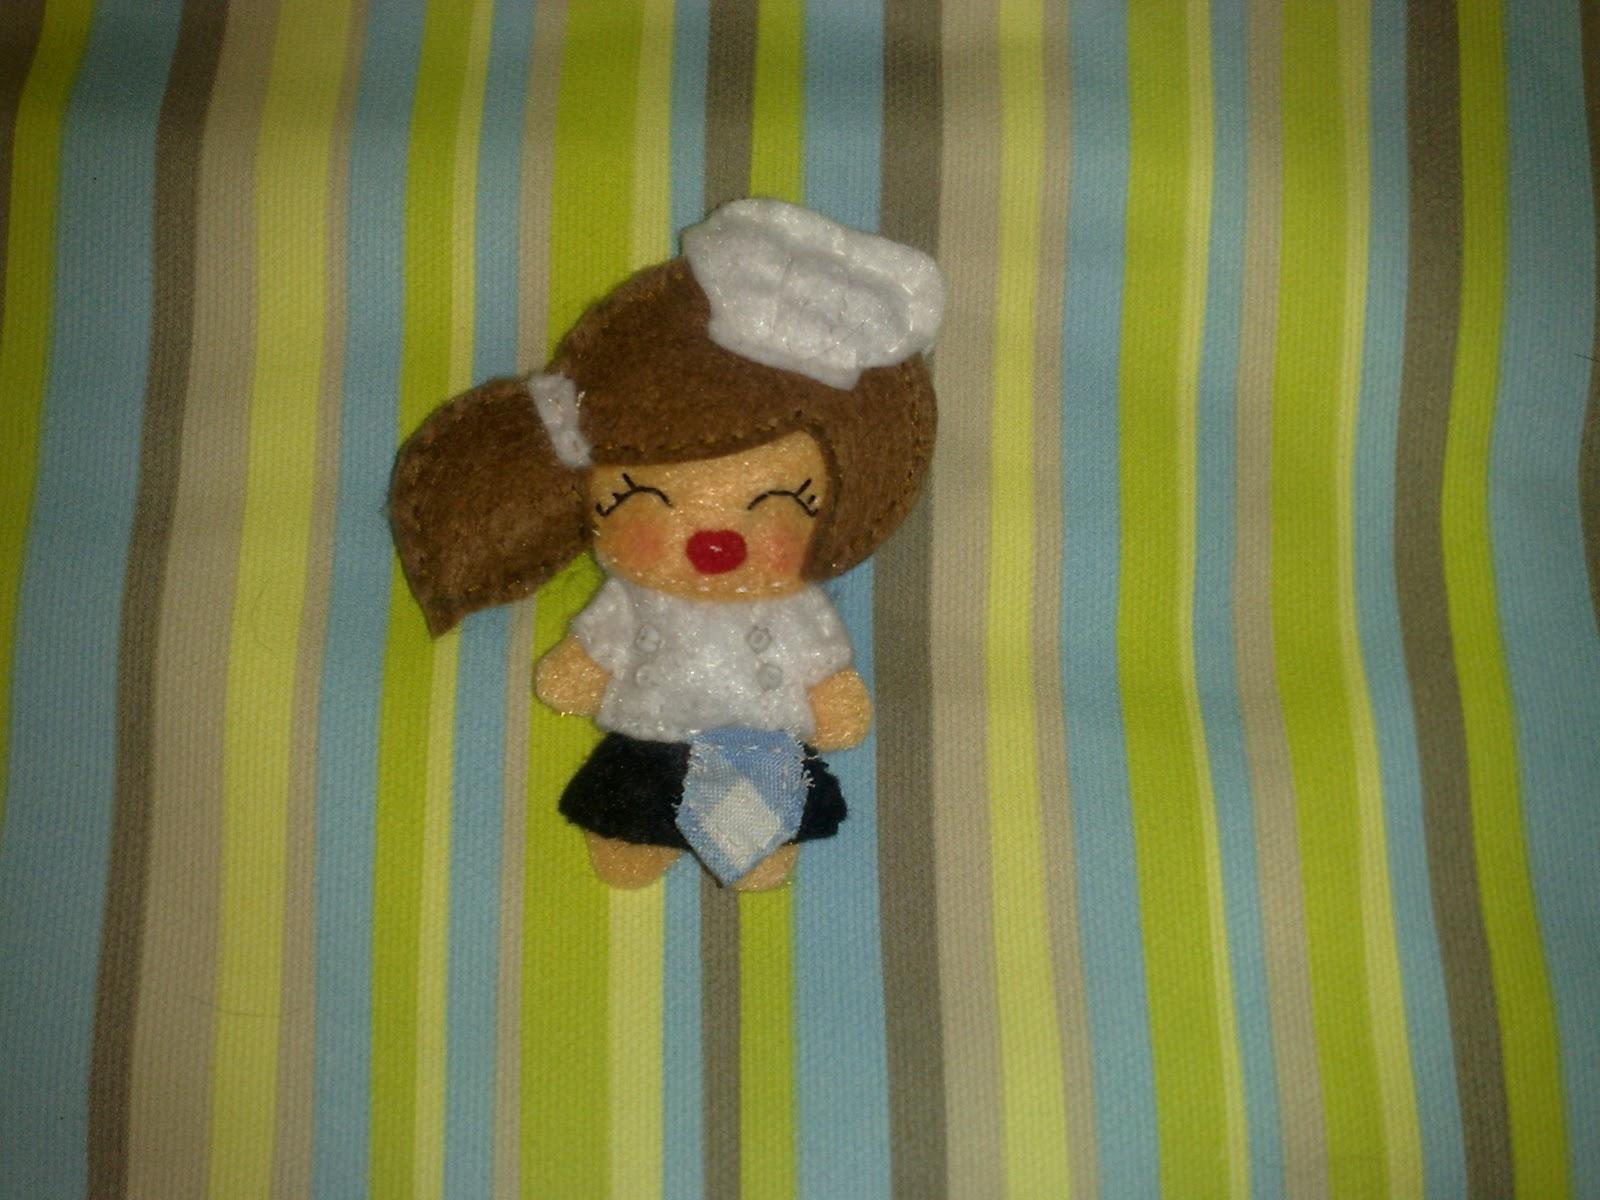 http://4.bp.blogspot.com/_cGqIAPtLtIc/TOUxxYDsRkI/AAAAAAAAAB8/kqcHctK1nEQ/s1600/171120101676.jpg